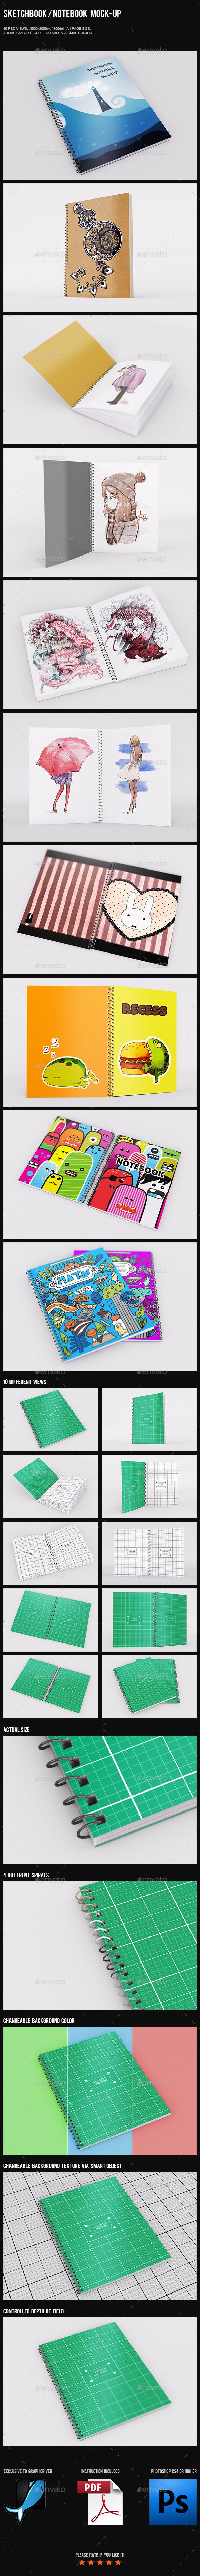 Sketchbook Notebook Mock-Up